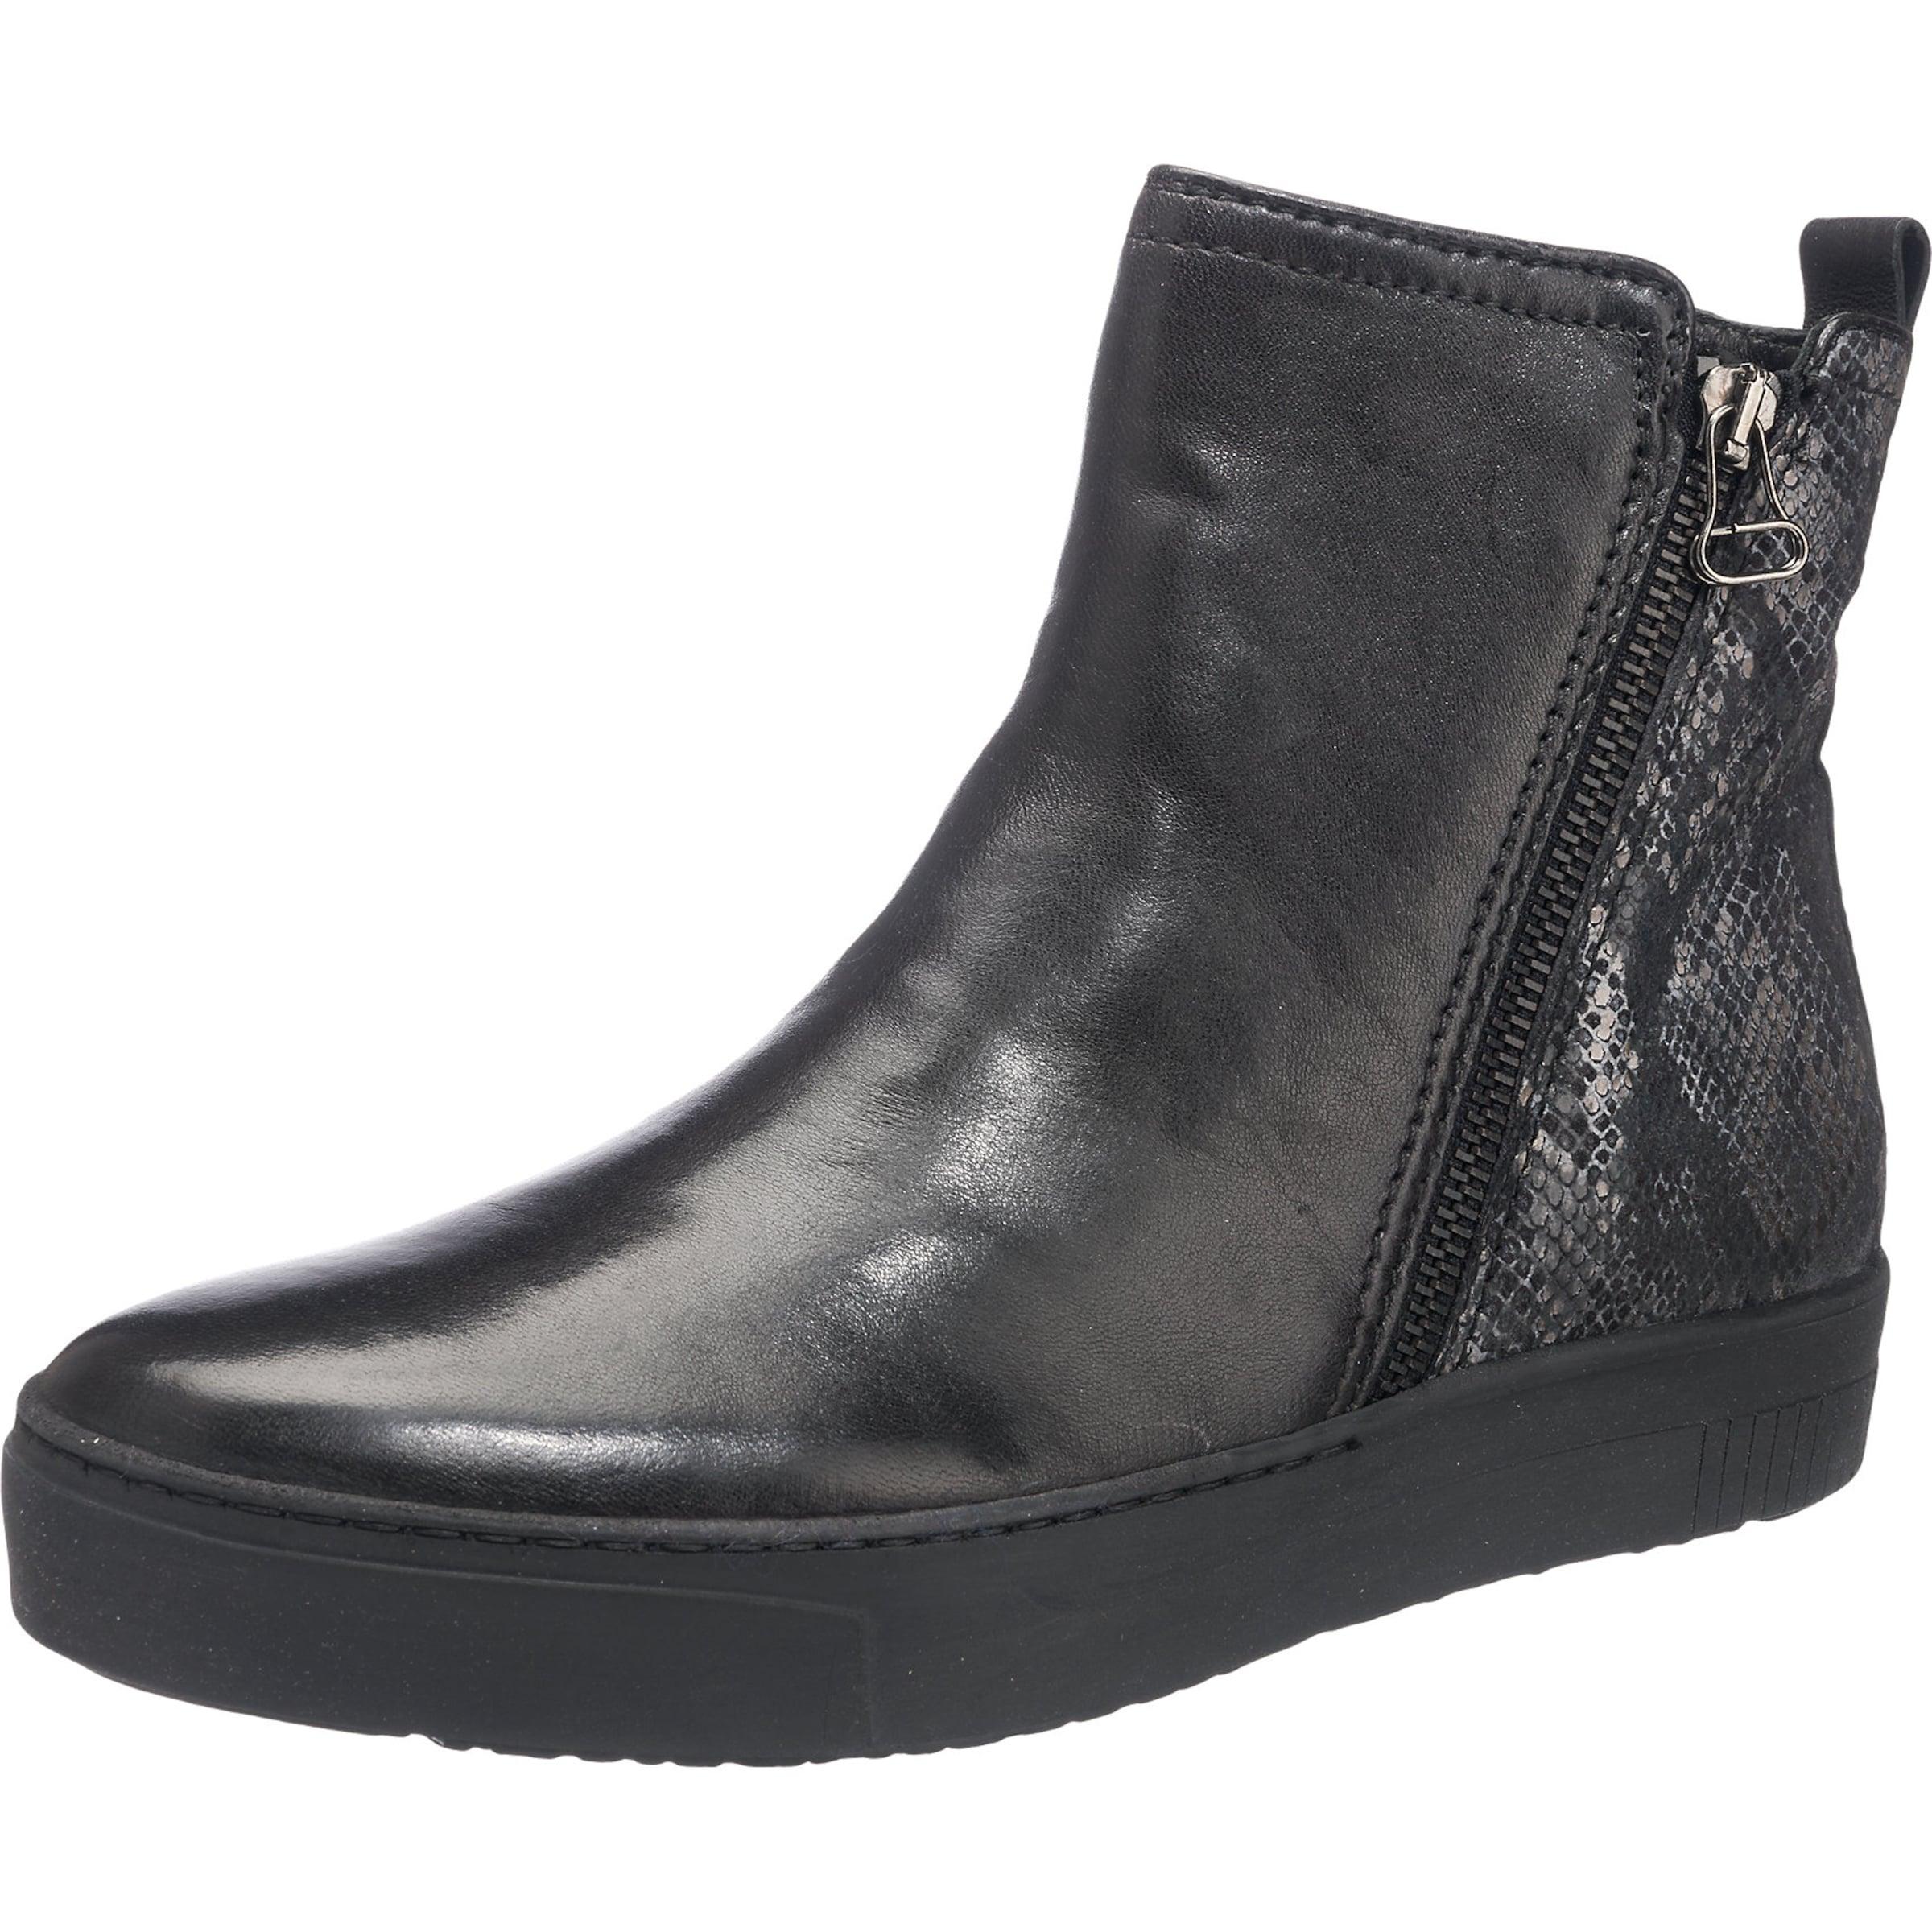 Haltbare Mode billige Schuhe MJUS | Stiefeletten Schuhe Gut Gut Gut getragene Schuhe 6a3dbe